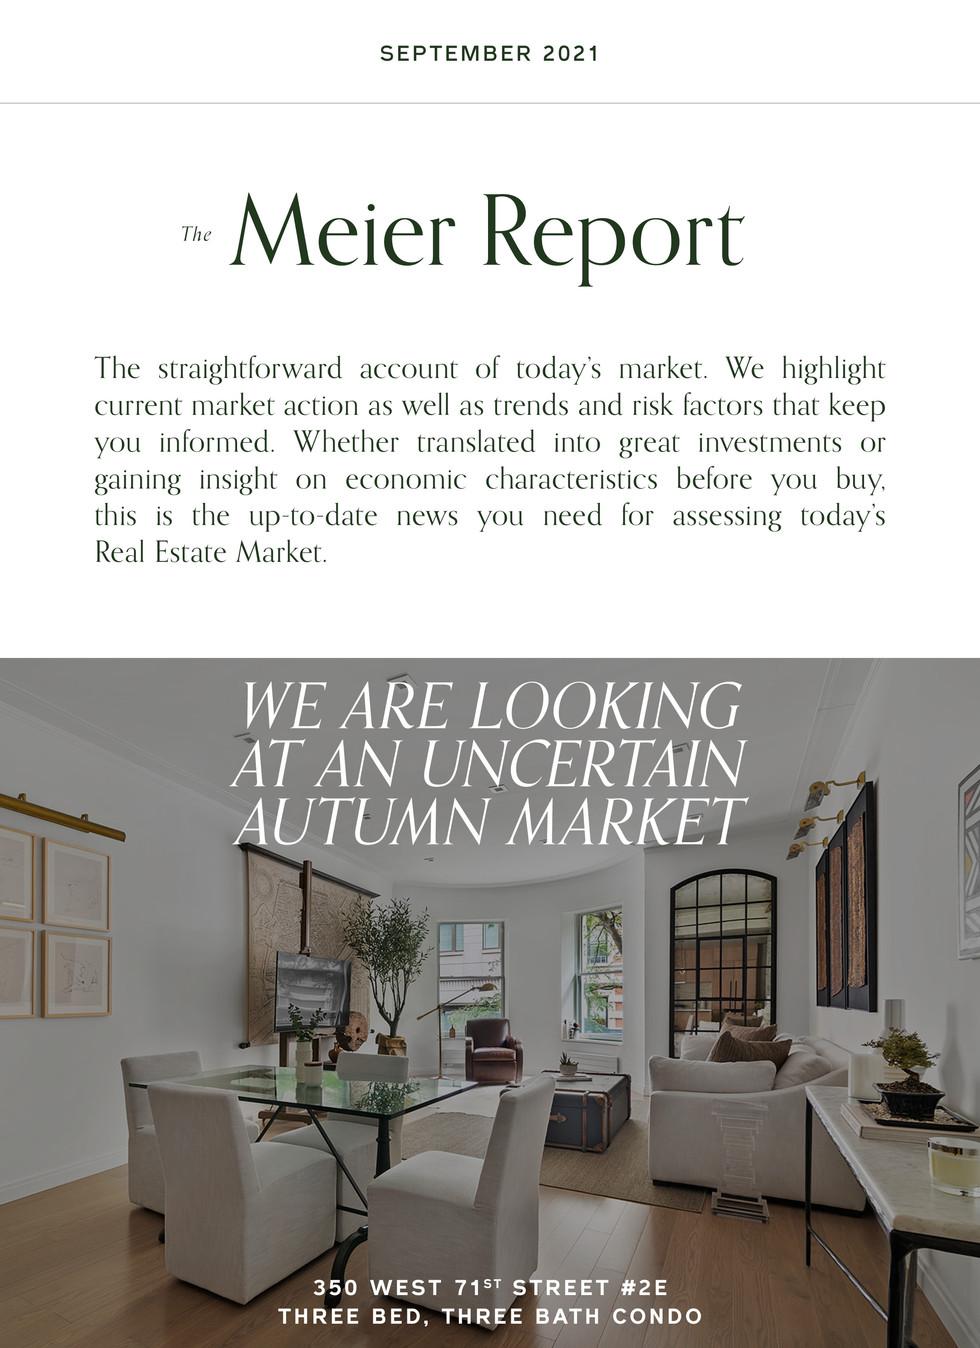 Meier_Report_0921_Hubspot.jpg